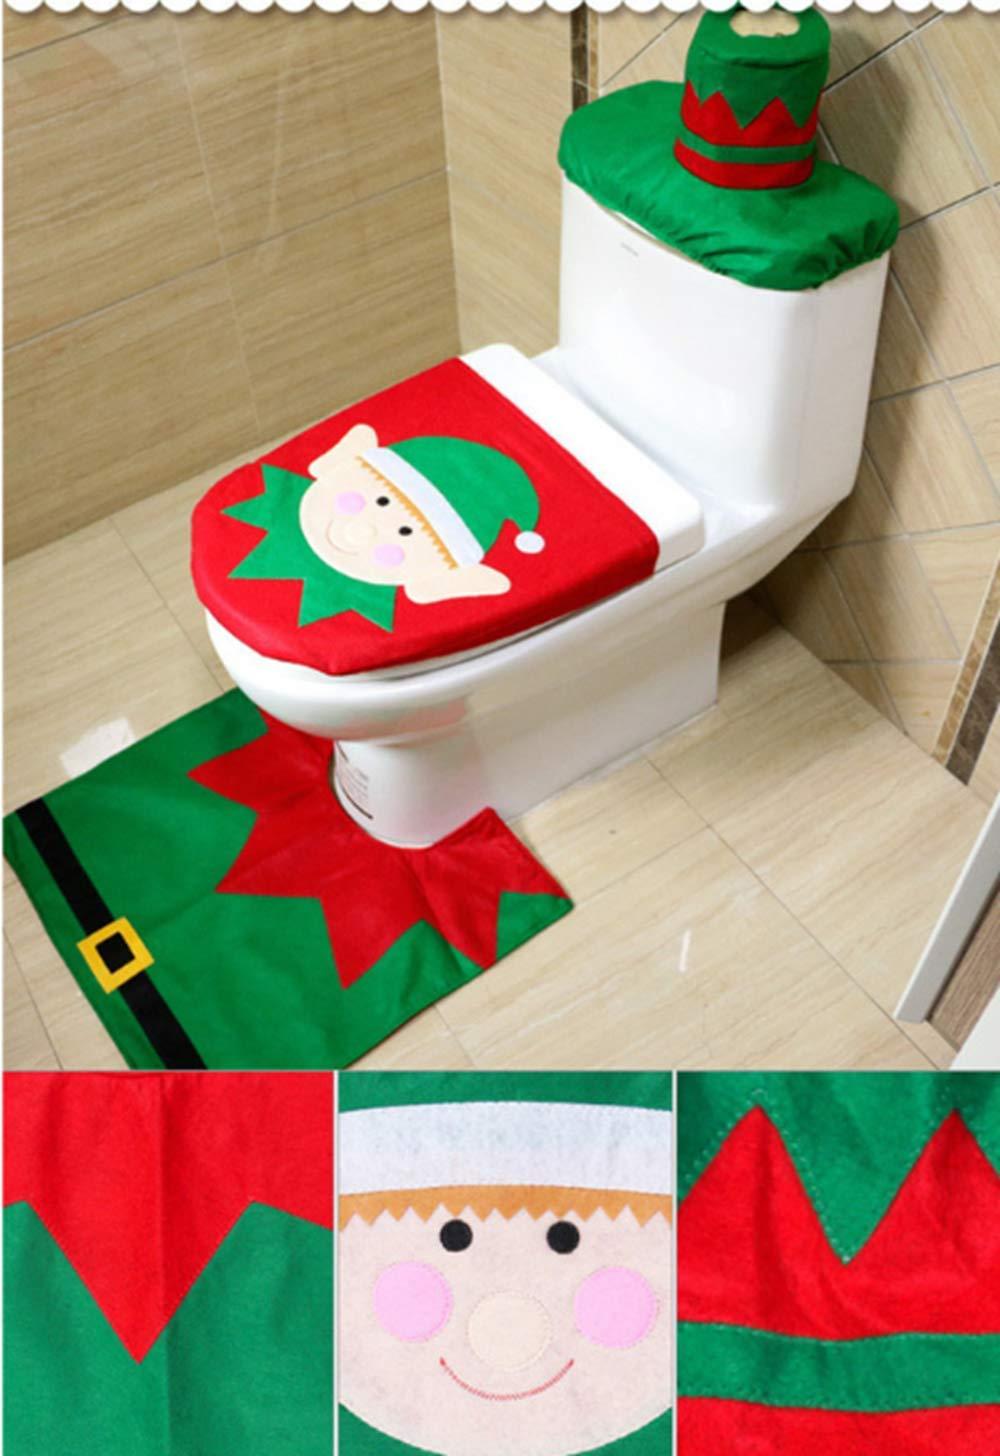 Weihnachtsdekoration f/ür Badezimmer Heimdekoration Green and Red Dada WC-Sitzbezug und Teppich Happy Santa